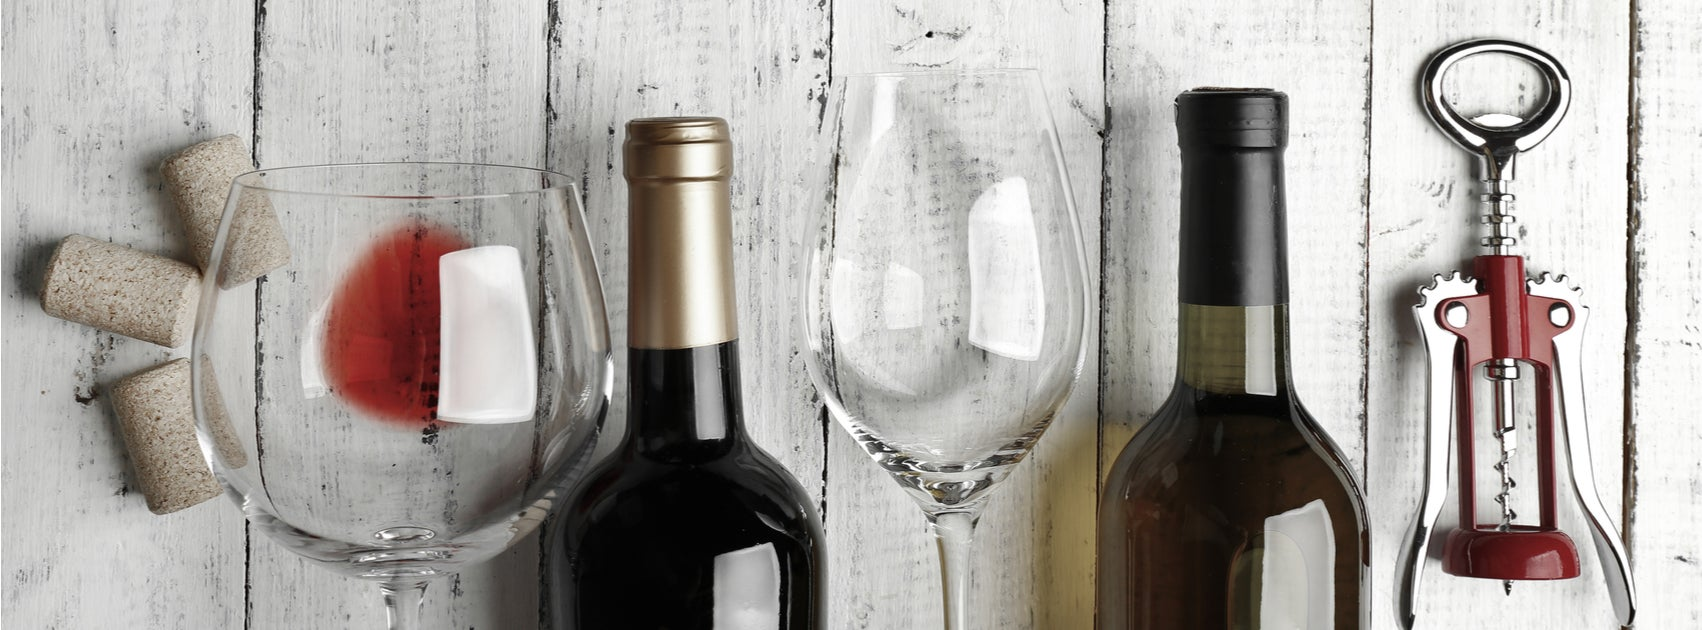 Decoración con botellas de vino y corcho